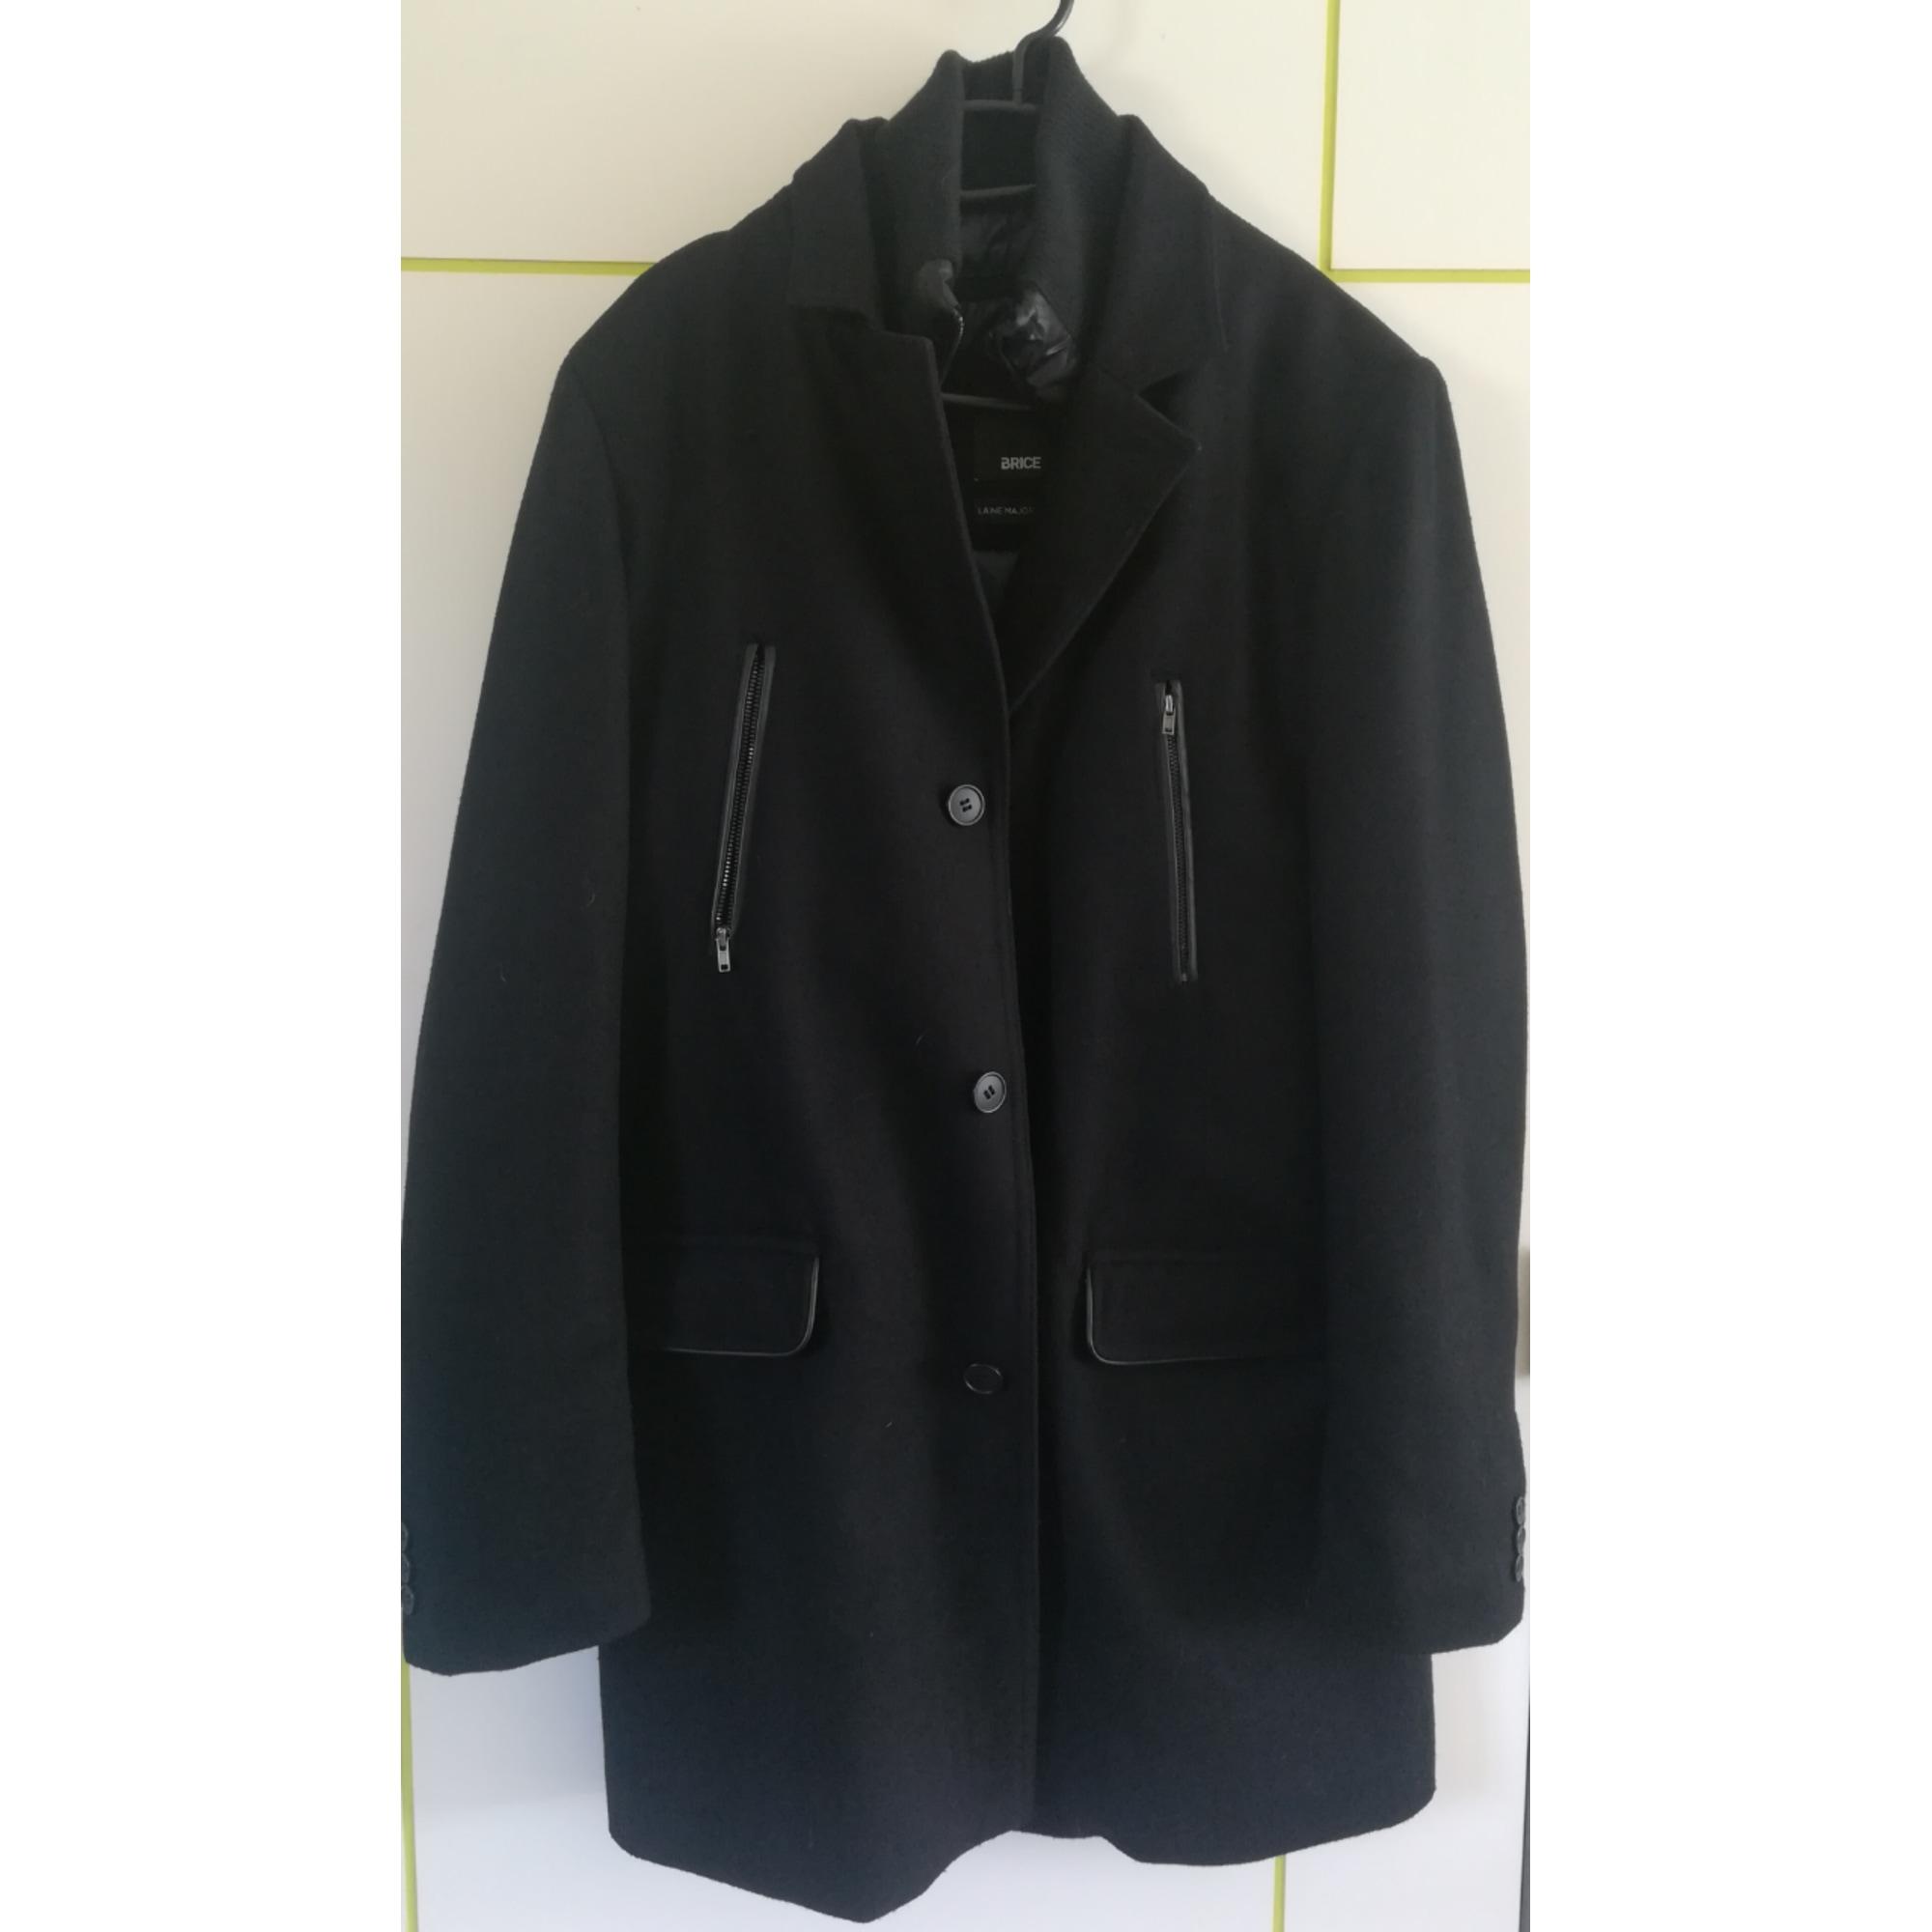 Manteau BRICE Noir